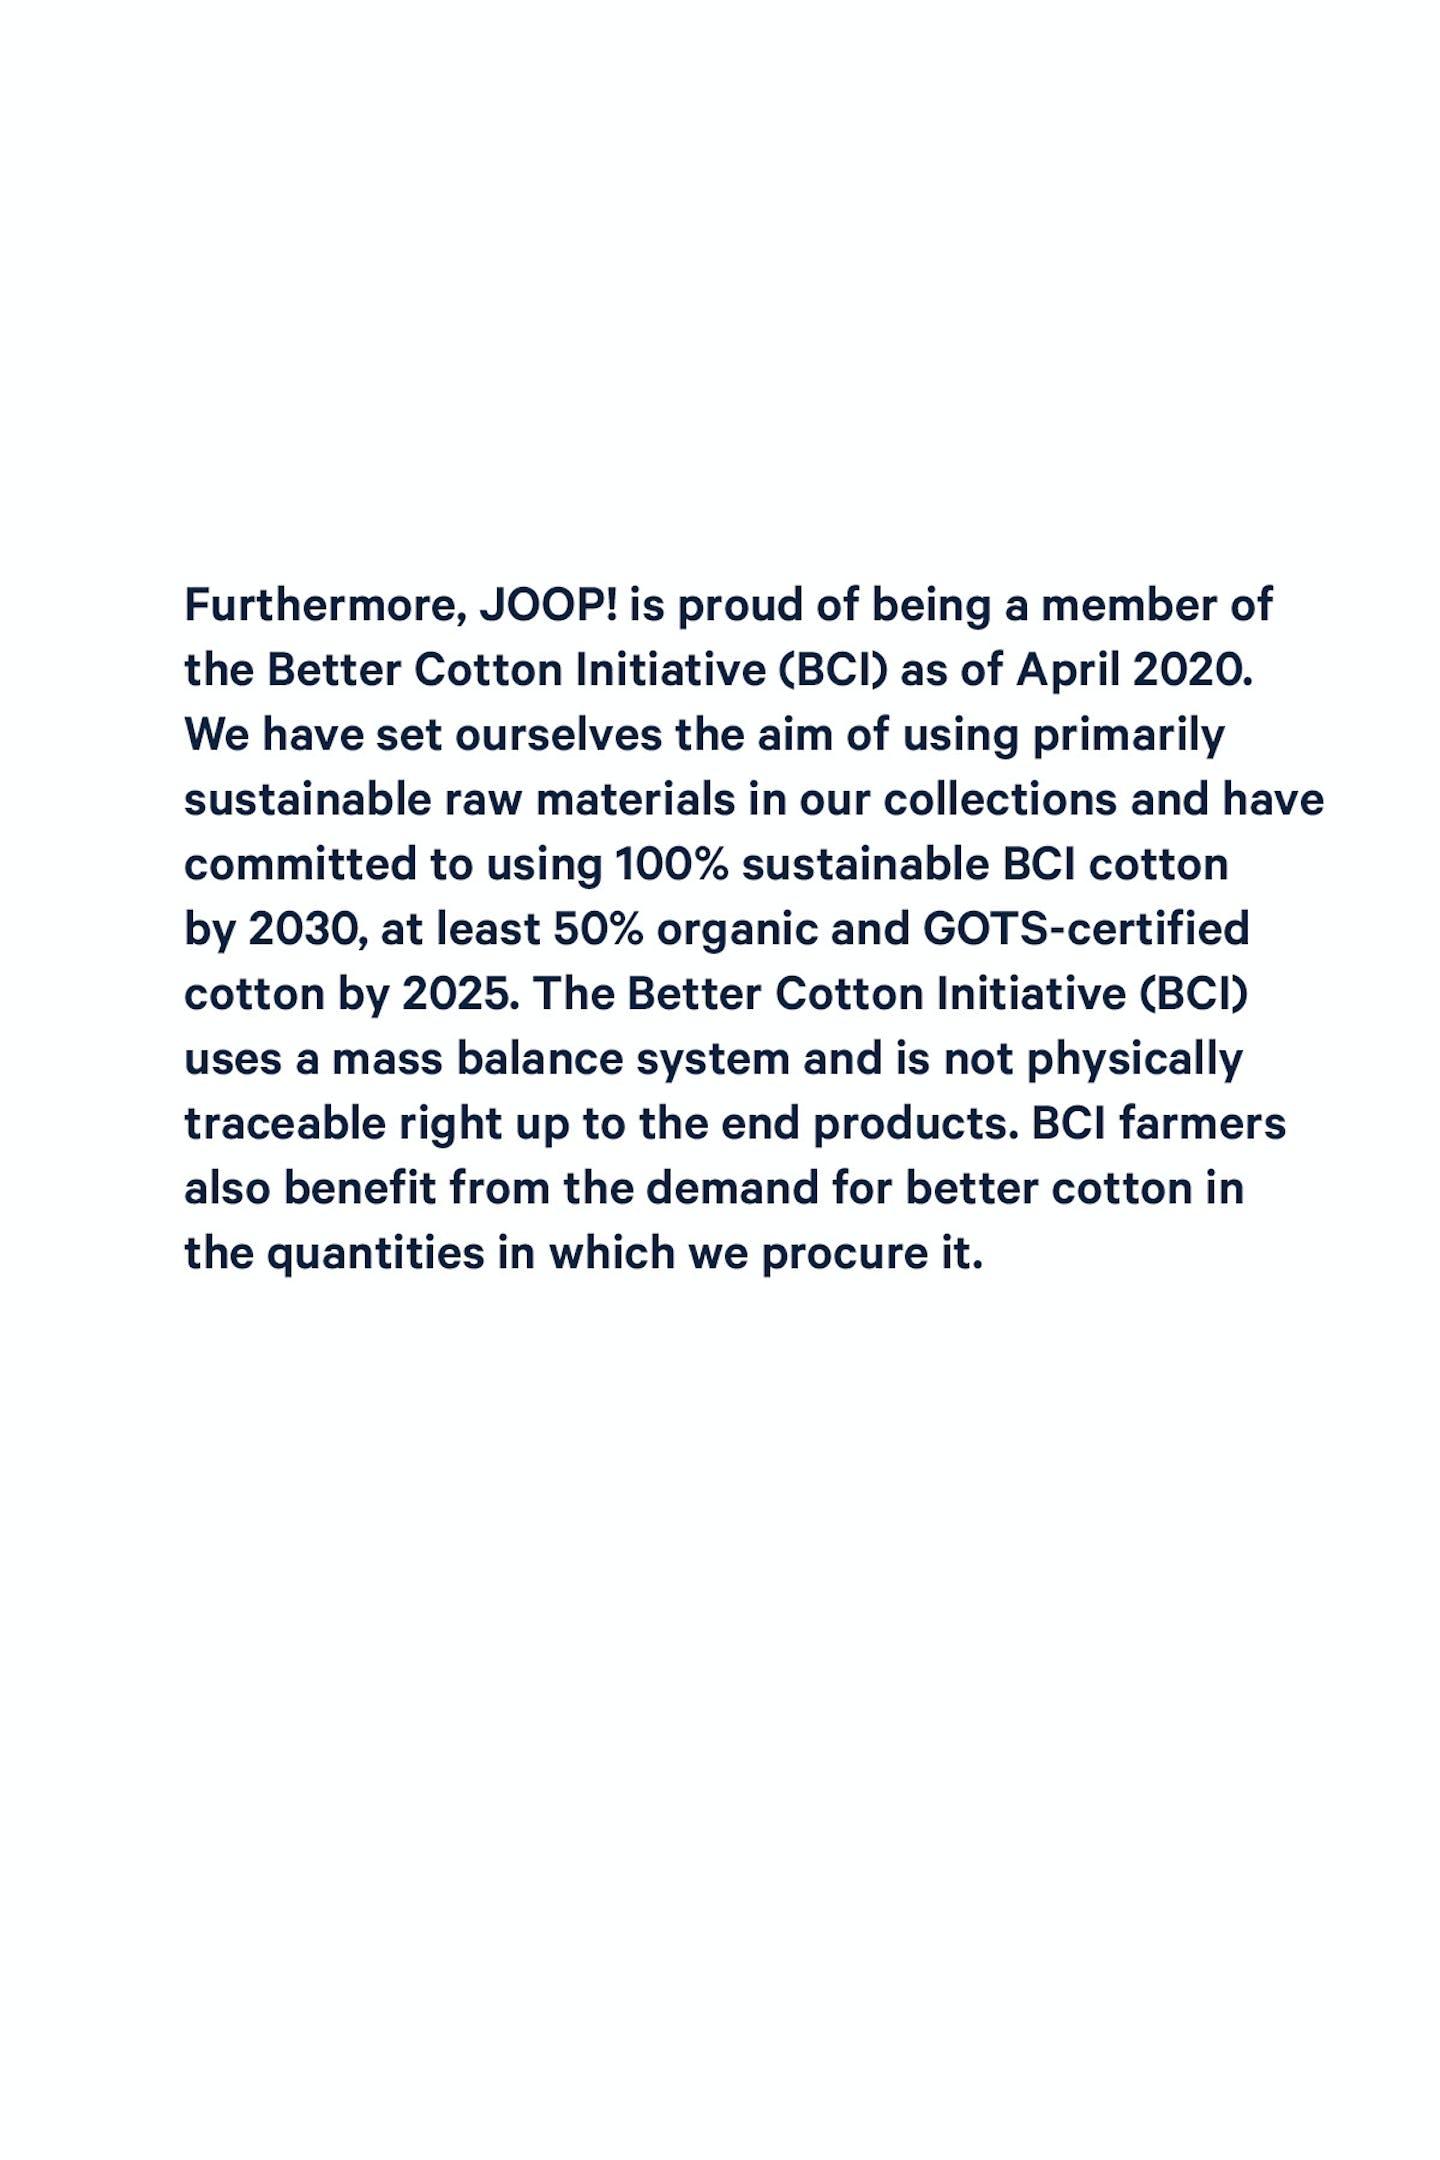 JOOP! BETTER COTTON INITIATIVE